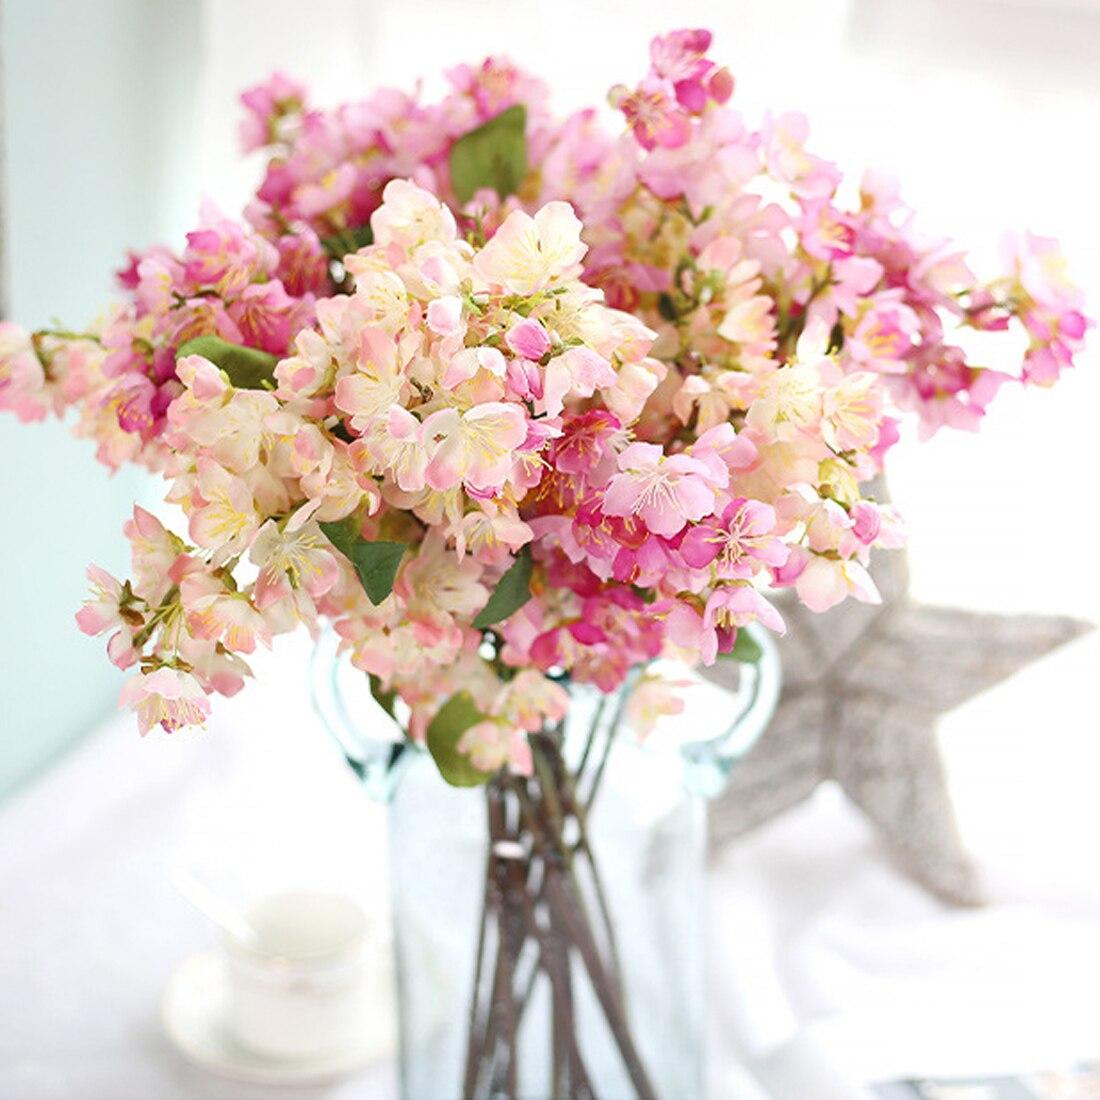 52,5 cm japonés Sakura flor Artificial Cerezo flor ramo brillante flores falsas deseo árbol boda fiesta en casa Decoración